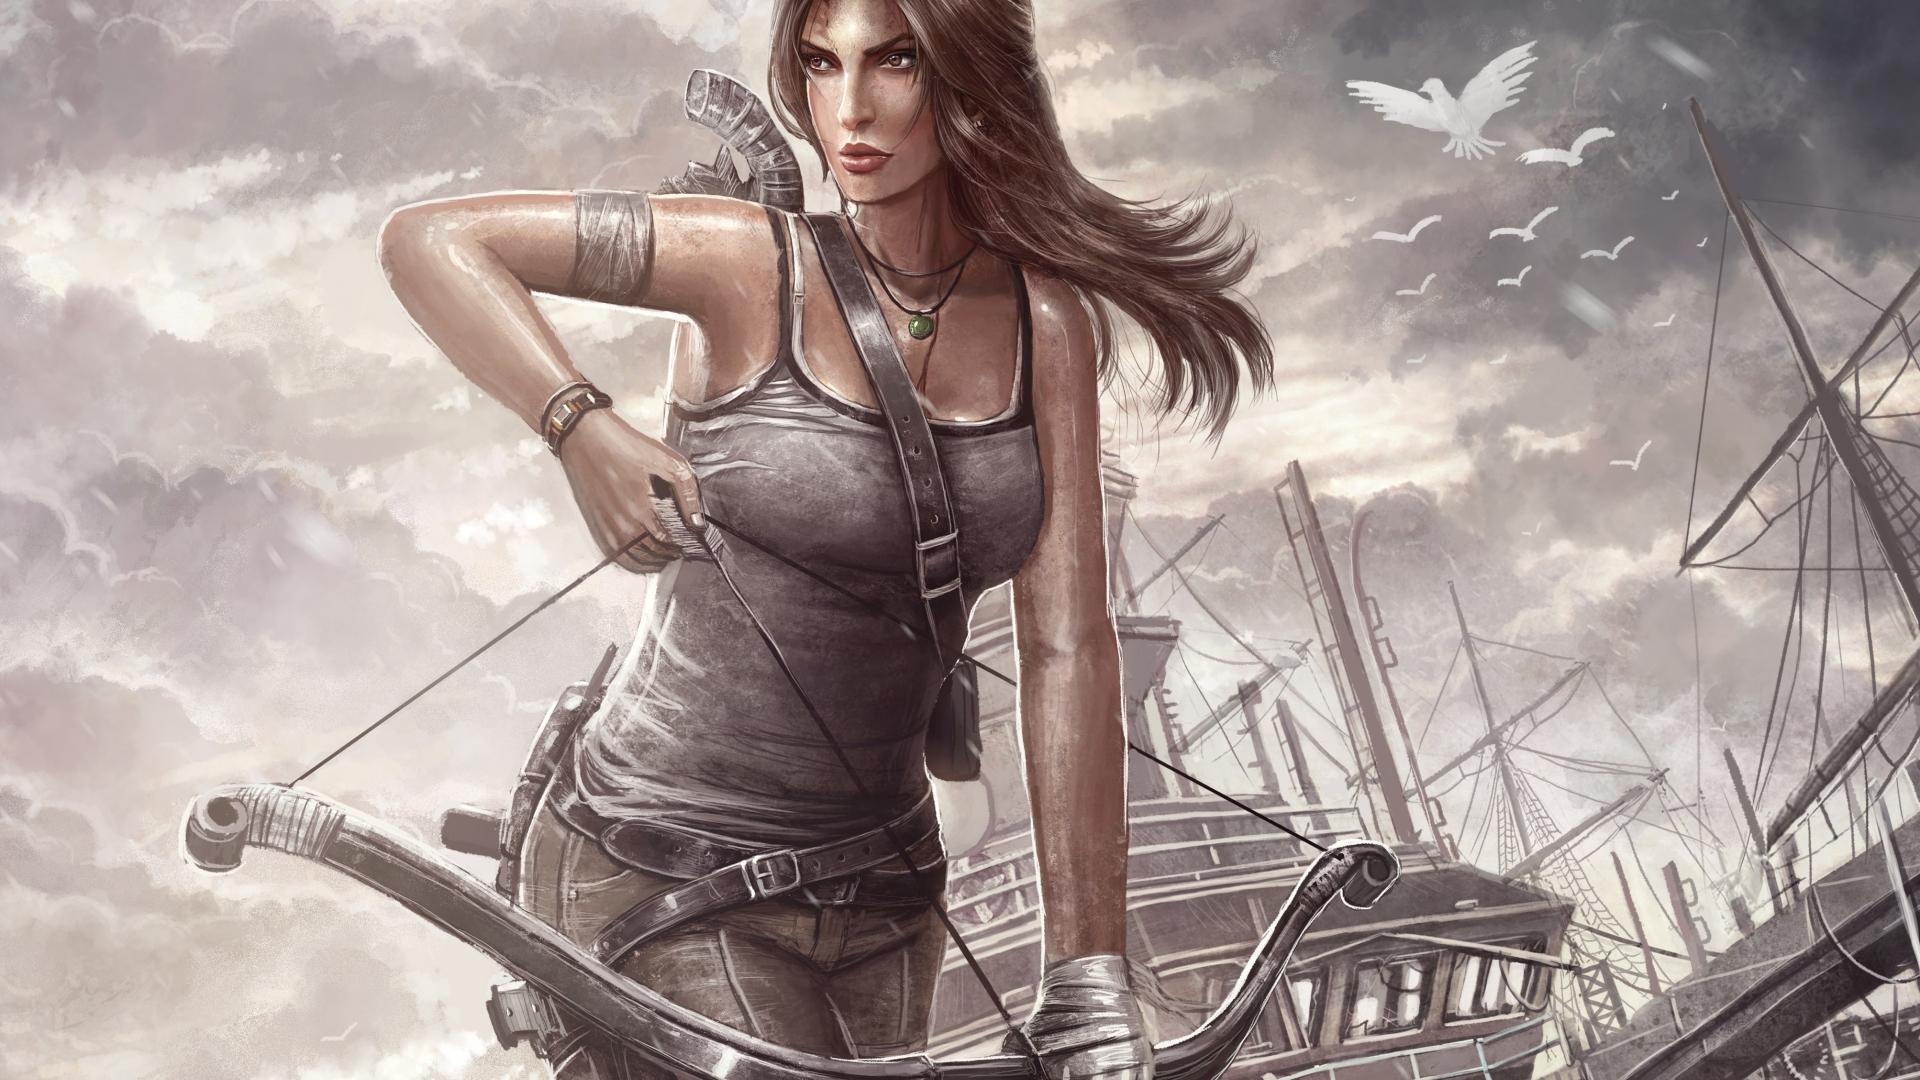 3840x2160 Lara Croft Tomb Raider Artwork 4k Hd 4k: Tomb Raider, Lara Croft, Reborn, HD 4K Wallpaper